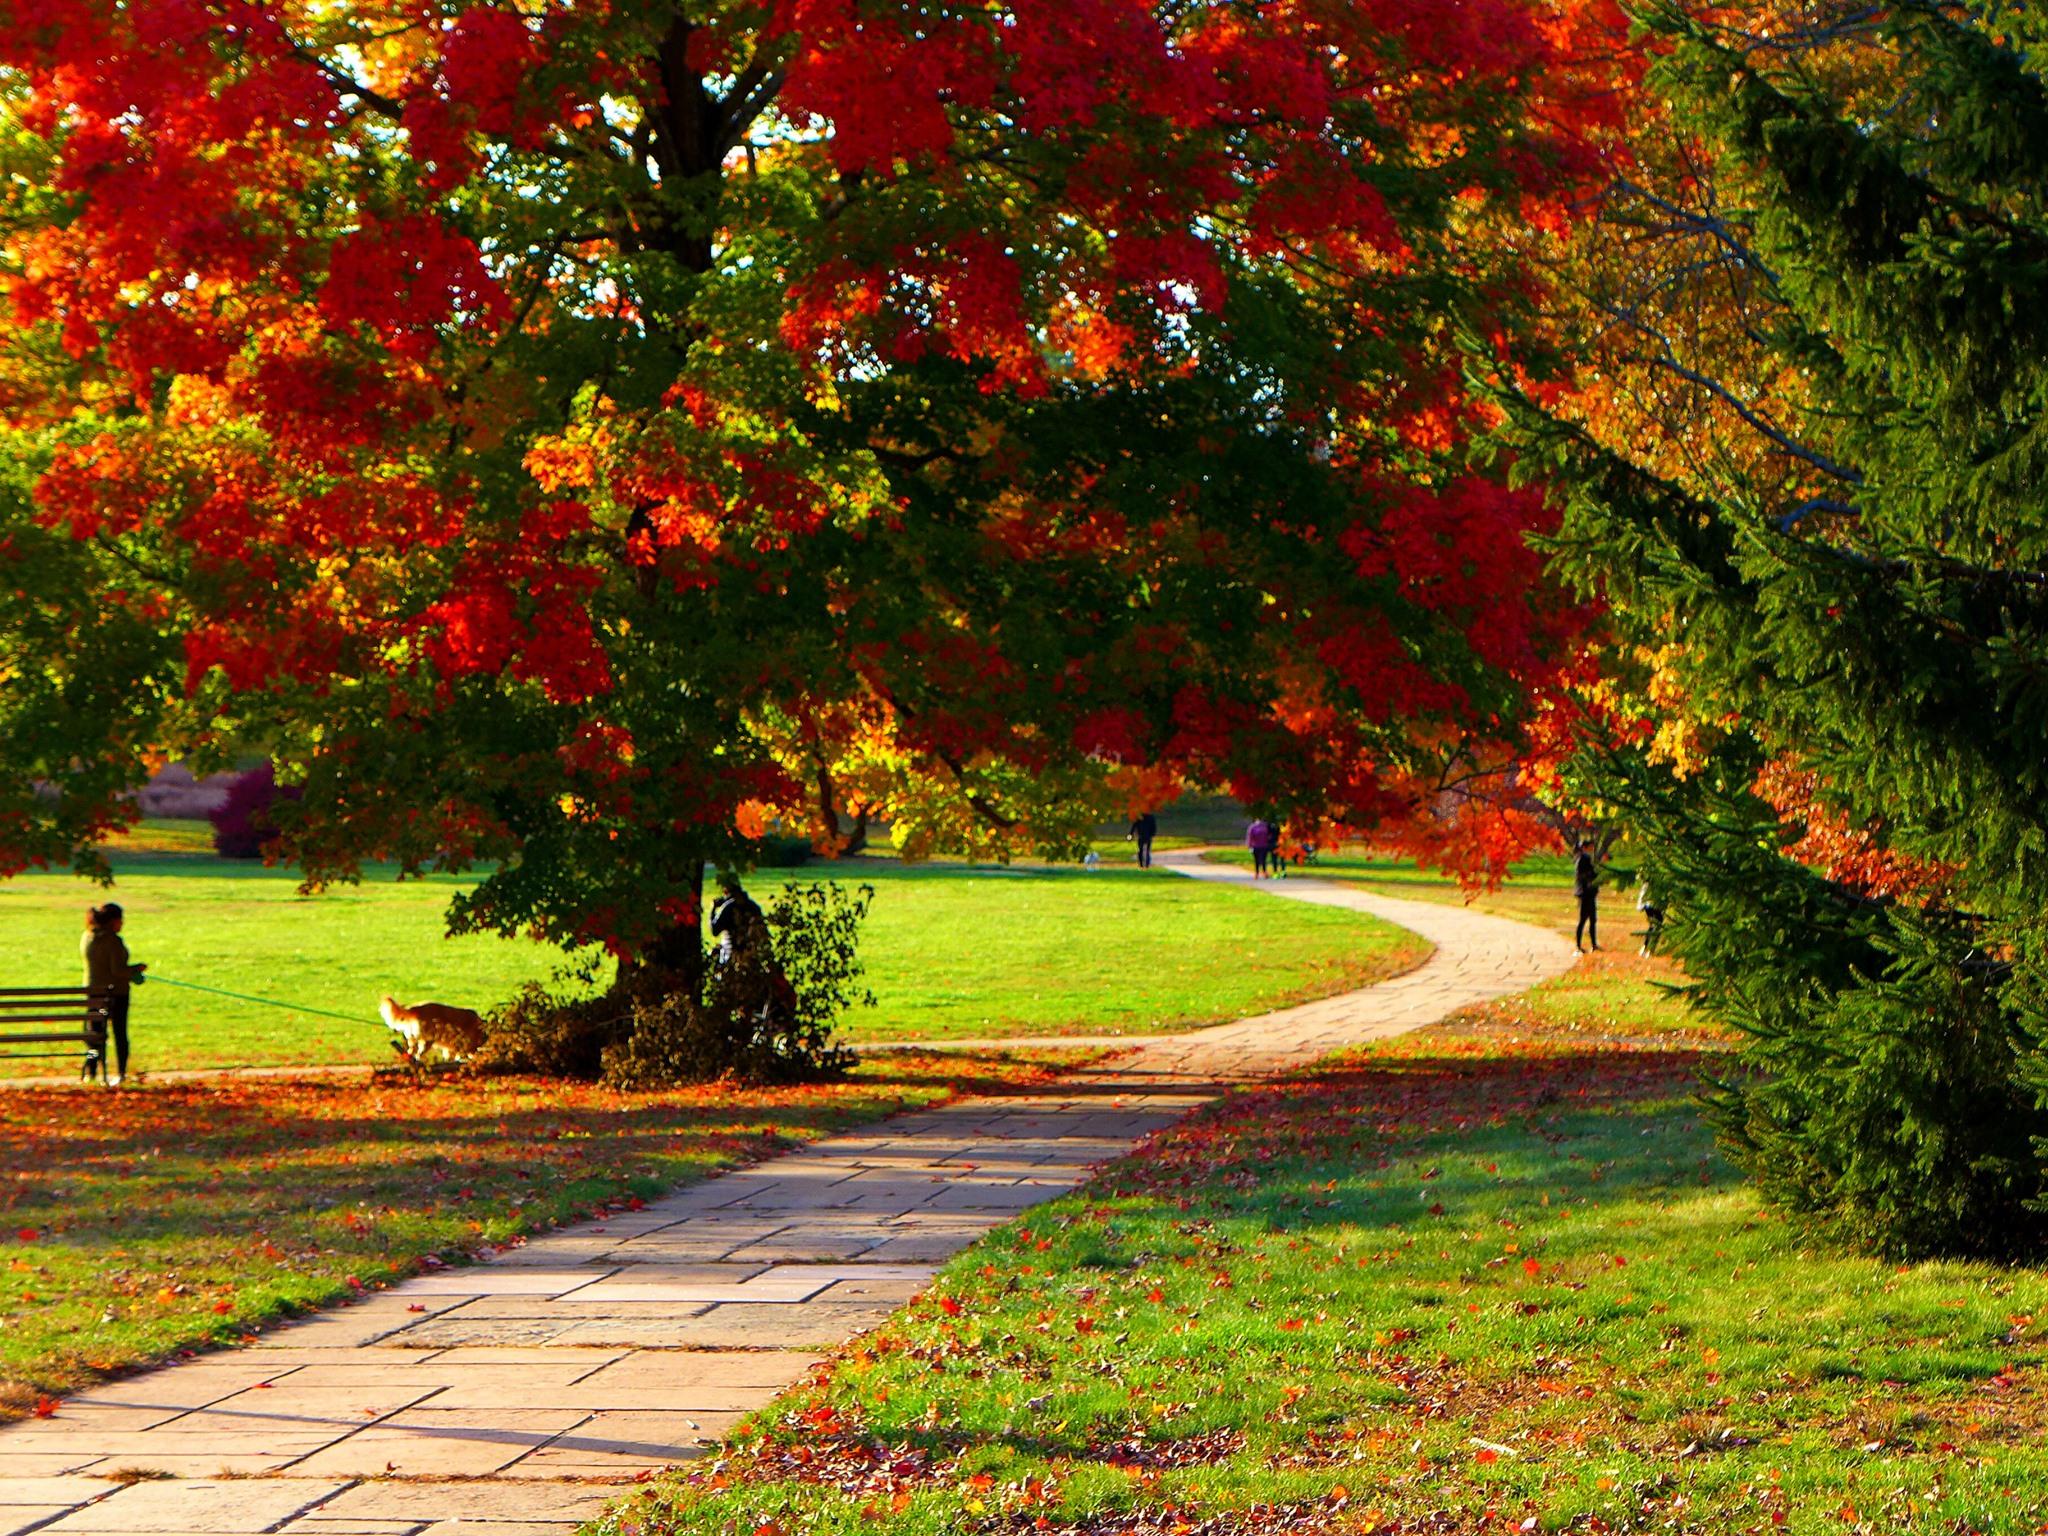 Fall foliage at Bird Park in Walpole, Mass.